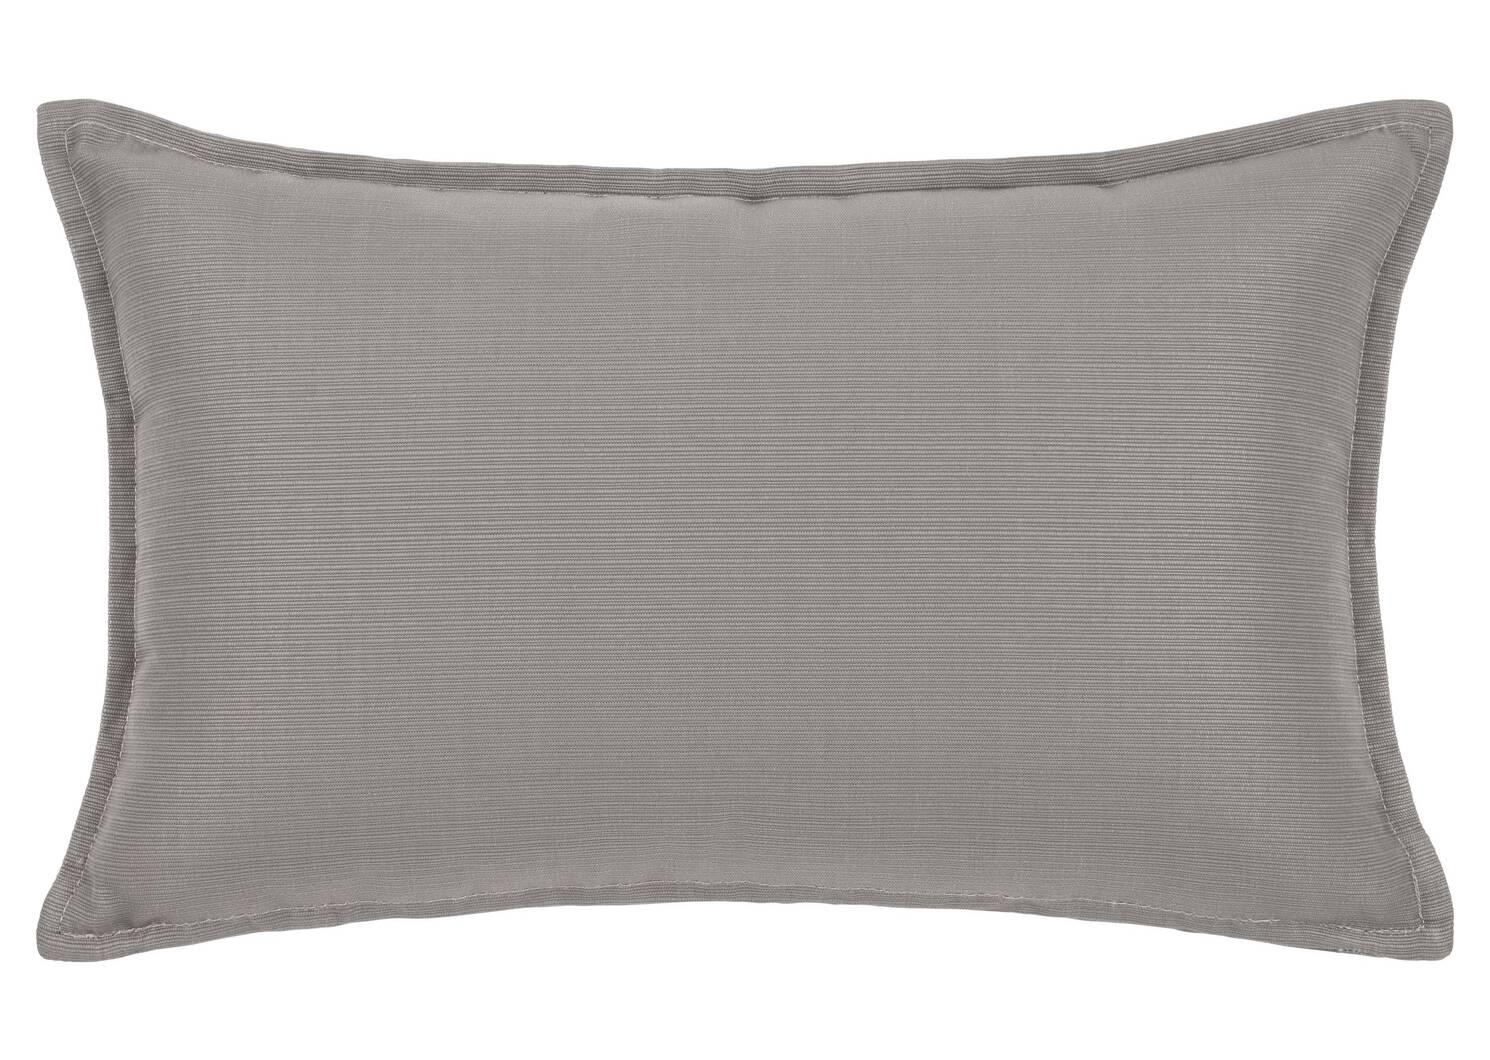 Malibu Toss 12.5x19 Grey